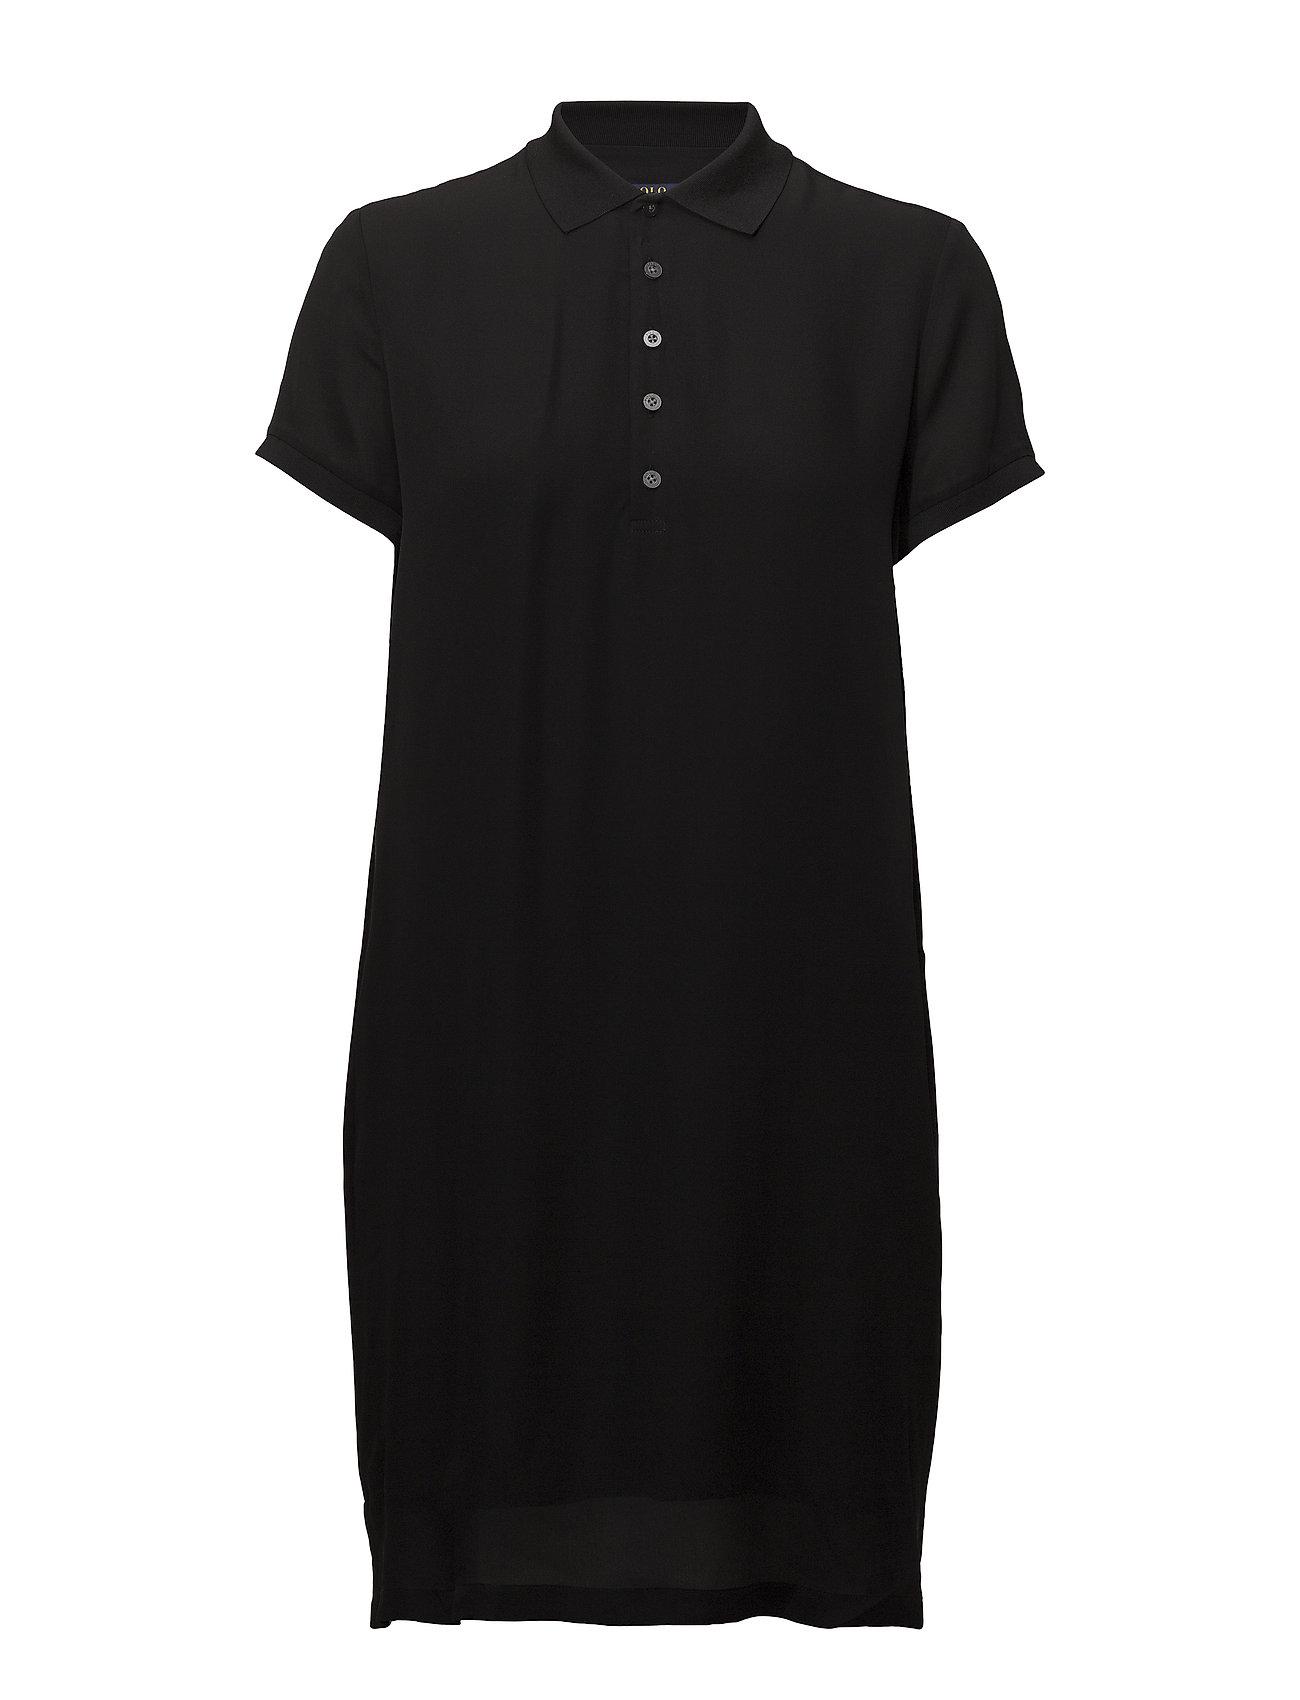 Silk Georgette Georgette Polo Dress Polo Dress Georgette Dress Polo Silk Silk b6yfgvY7